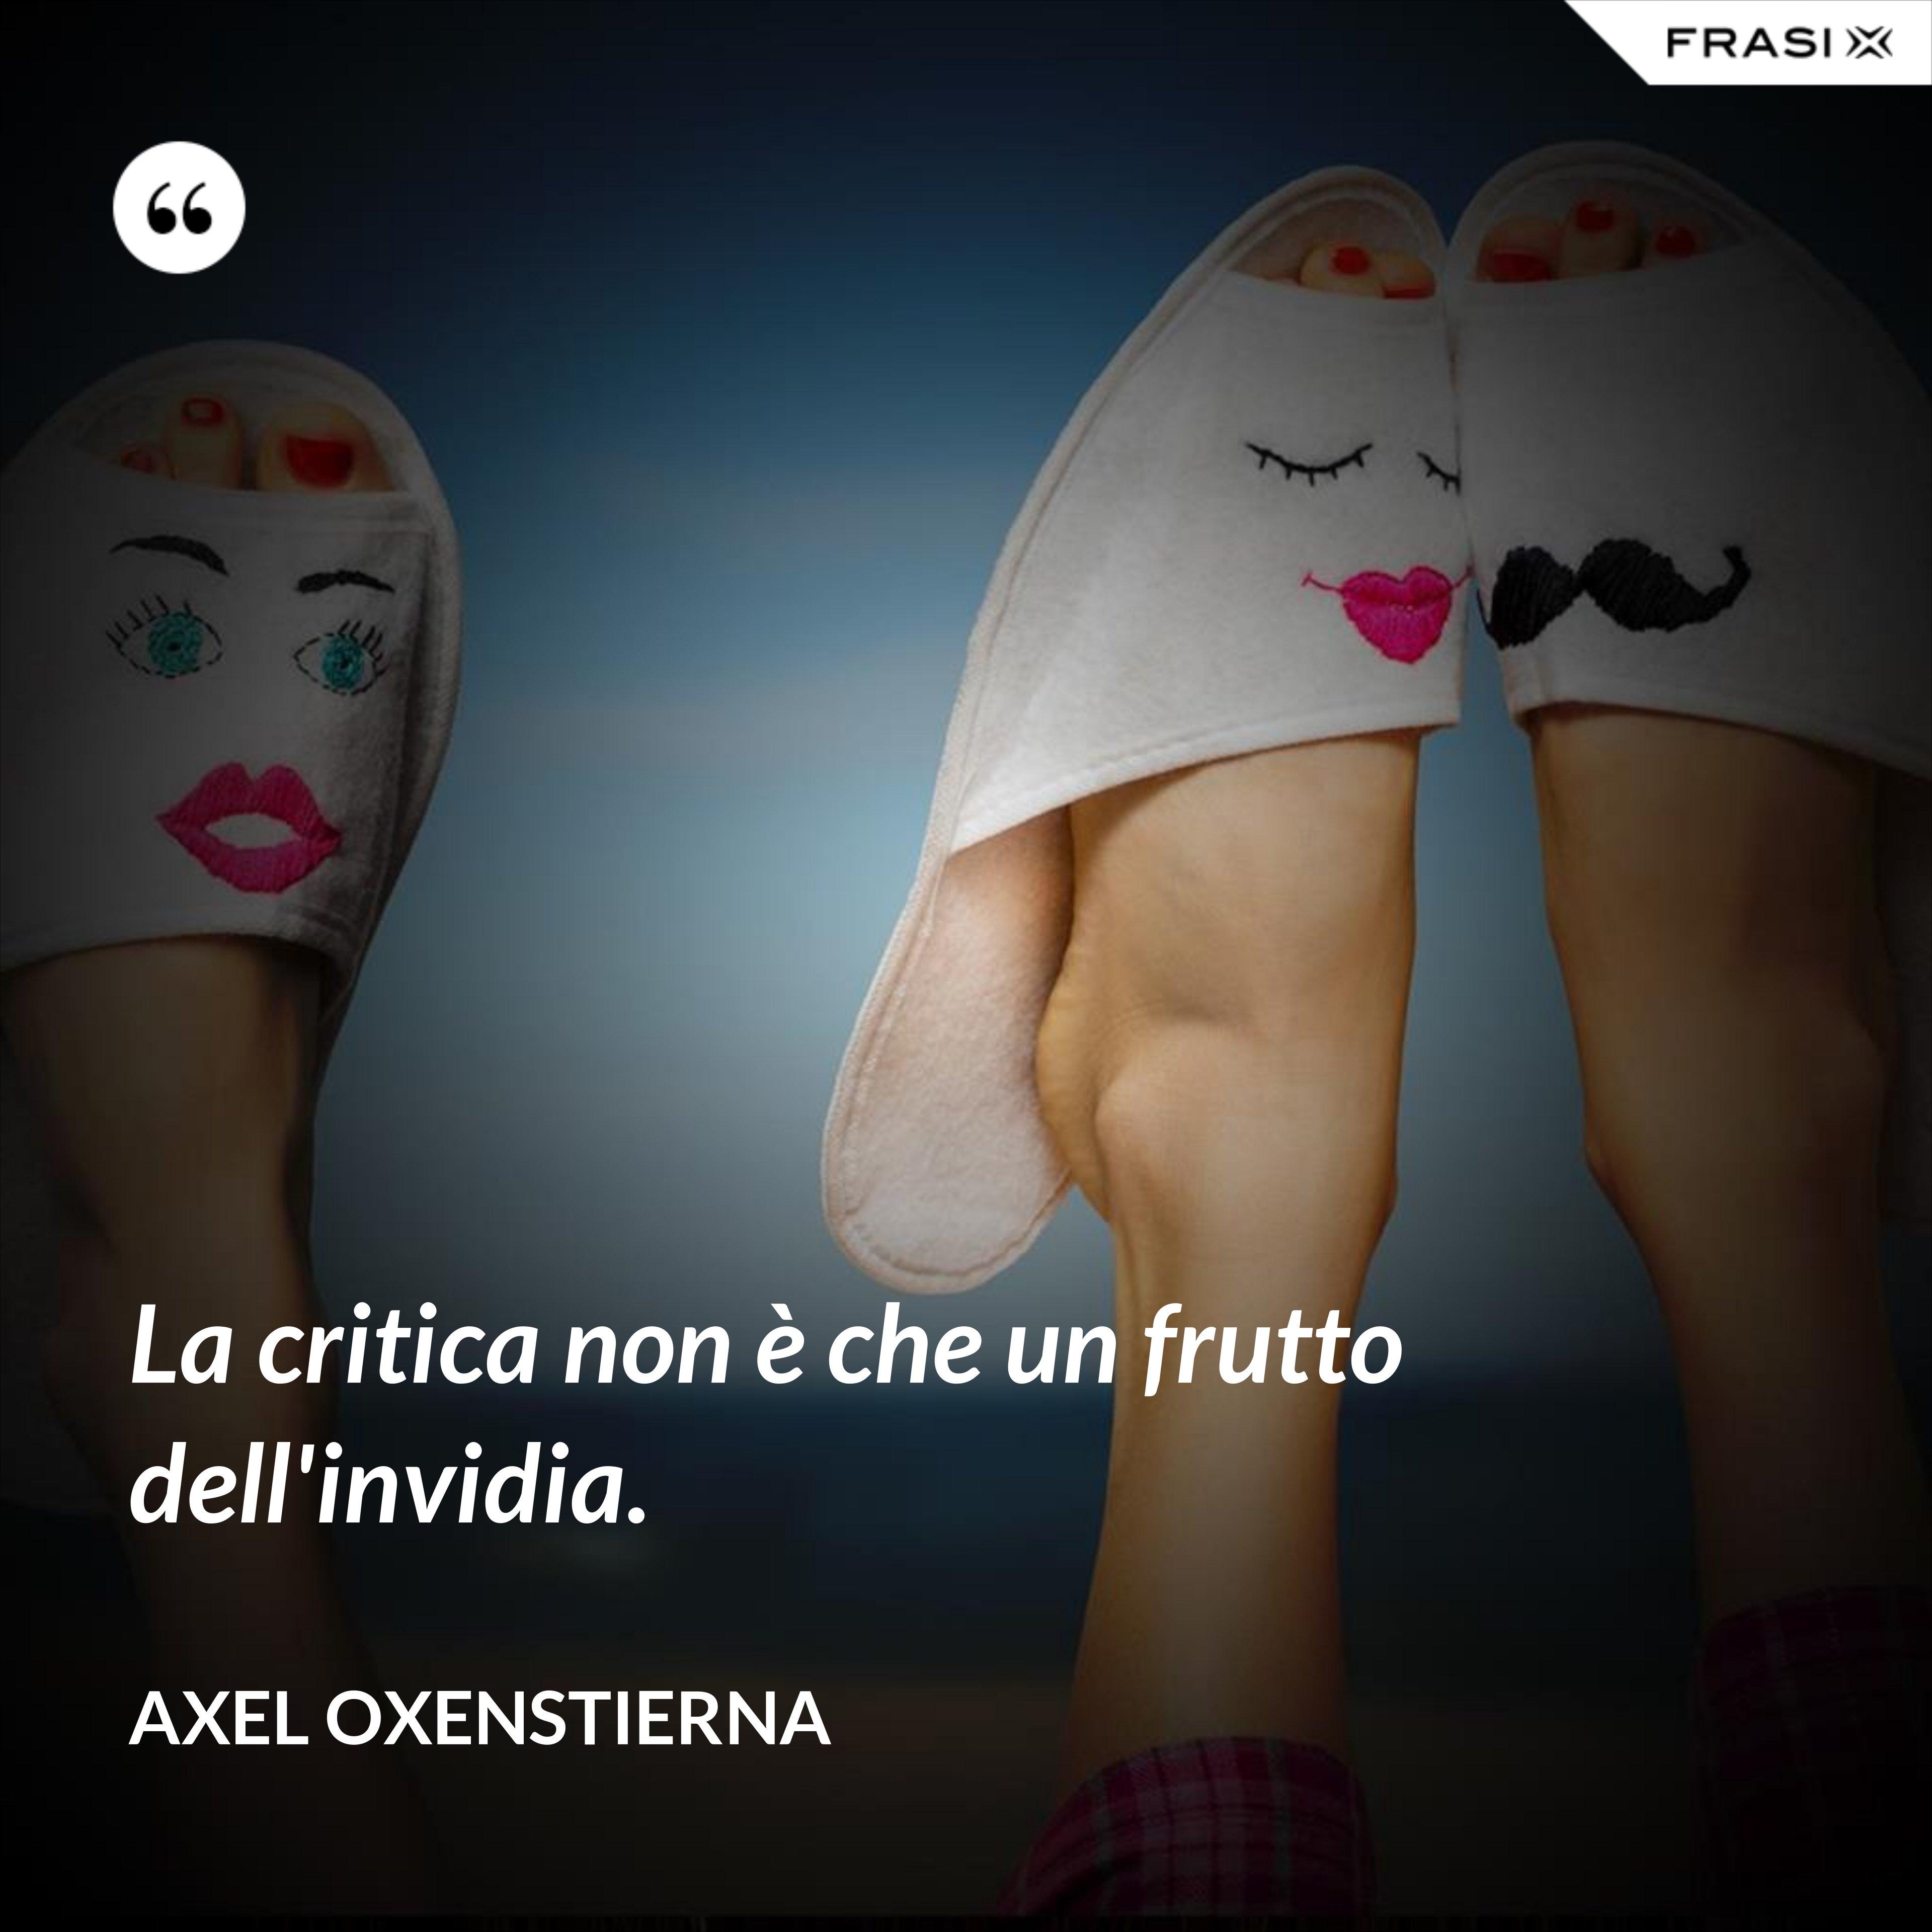 La critica non è che un frutto dell'invidia. - Axel Oxenstierna